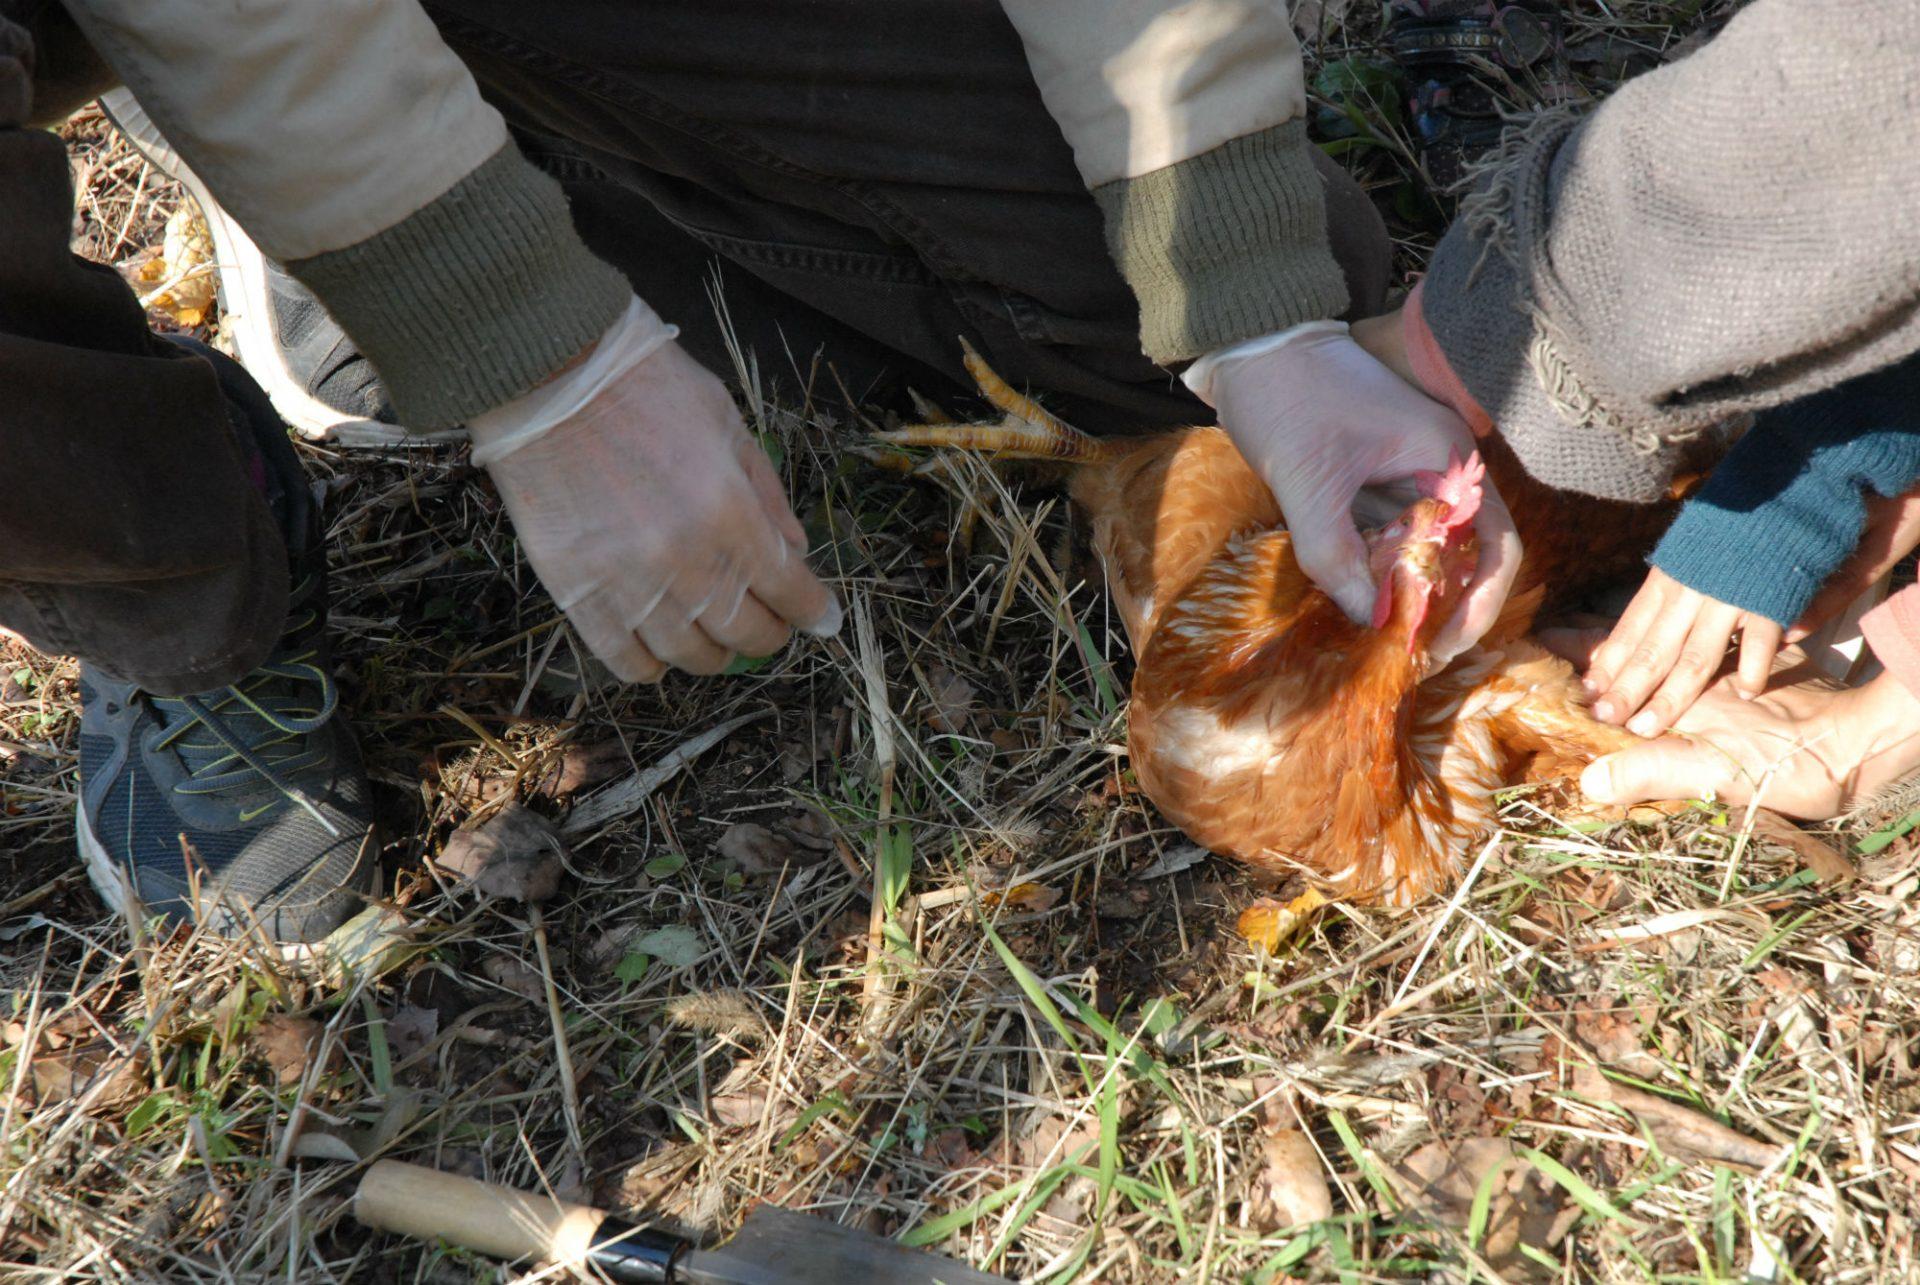 キャンプでは、冬に行うニワトリの屠殺(とさつ)、あるいは撃ち取られたばかりのエゾシカの解体に立ち会います。